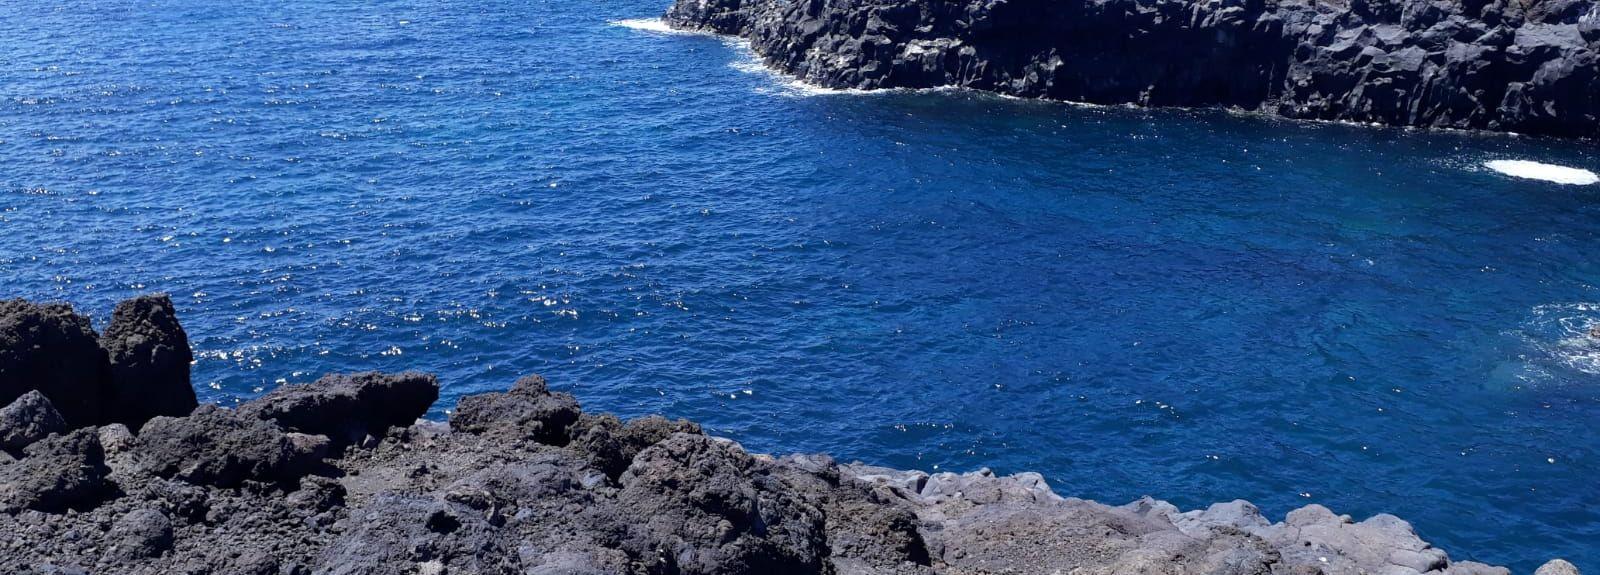 Quemada Strand, Yaiza, Kanarische Inseln, Spanien